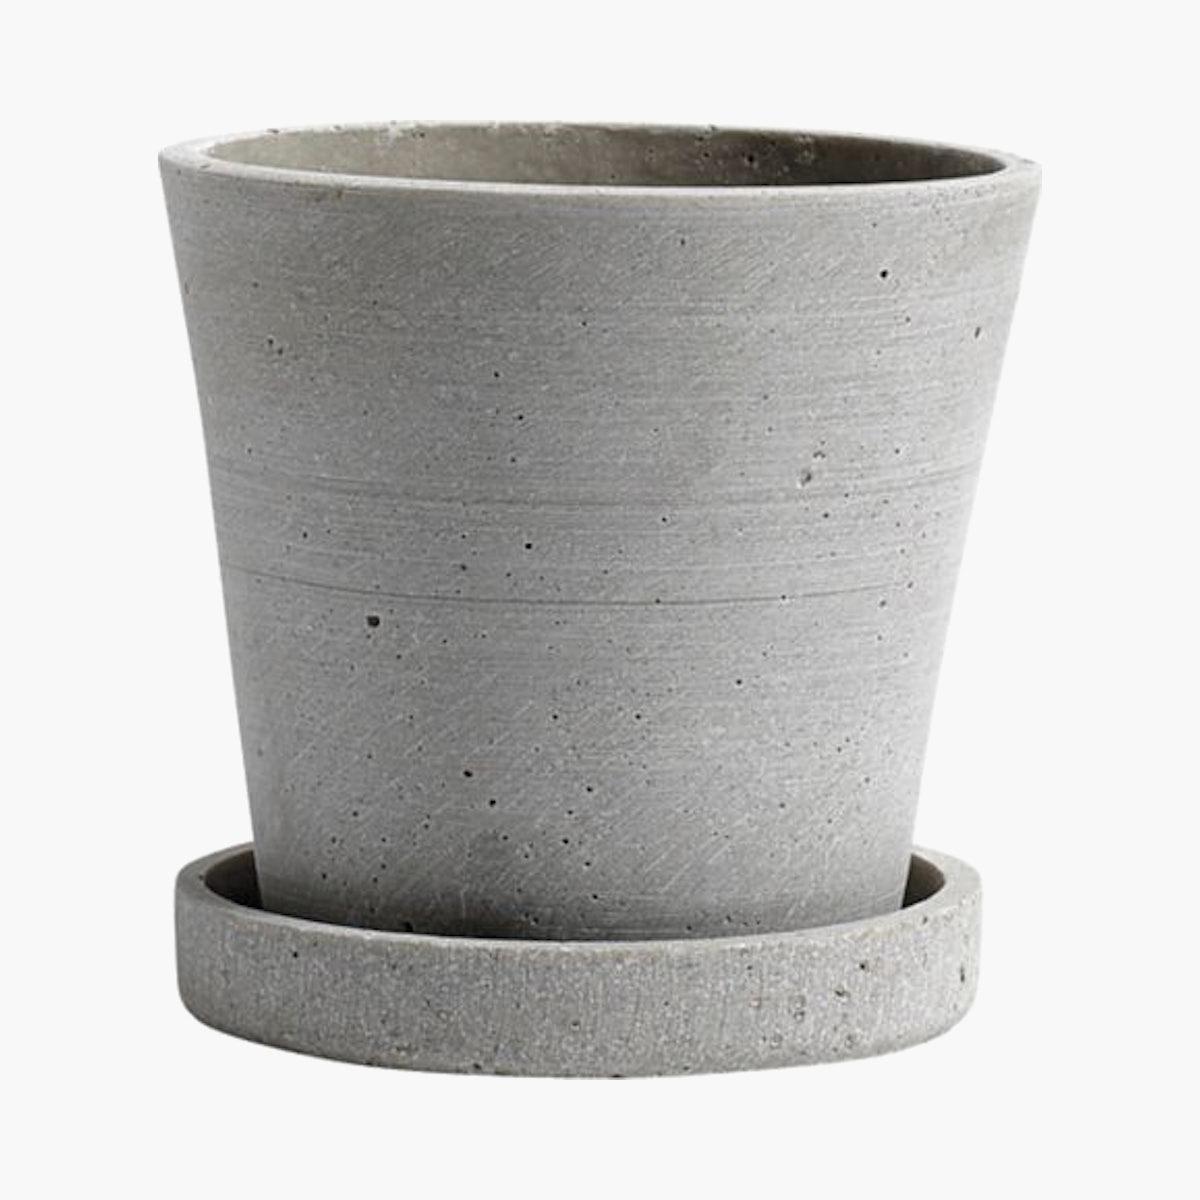 Flowerpot with Saucer